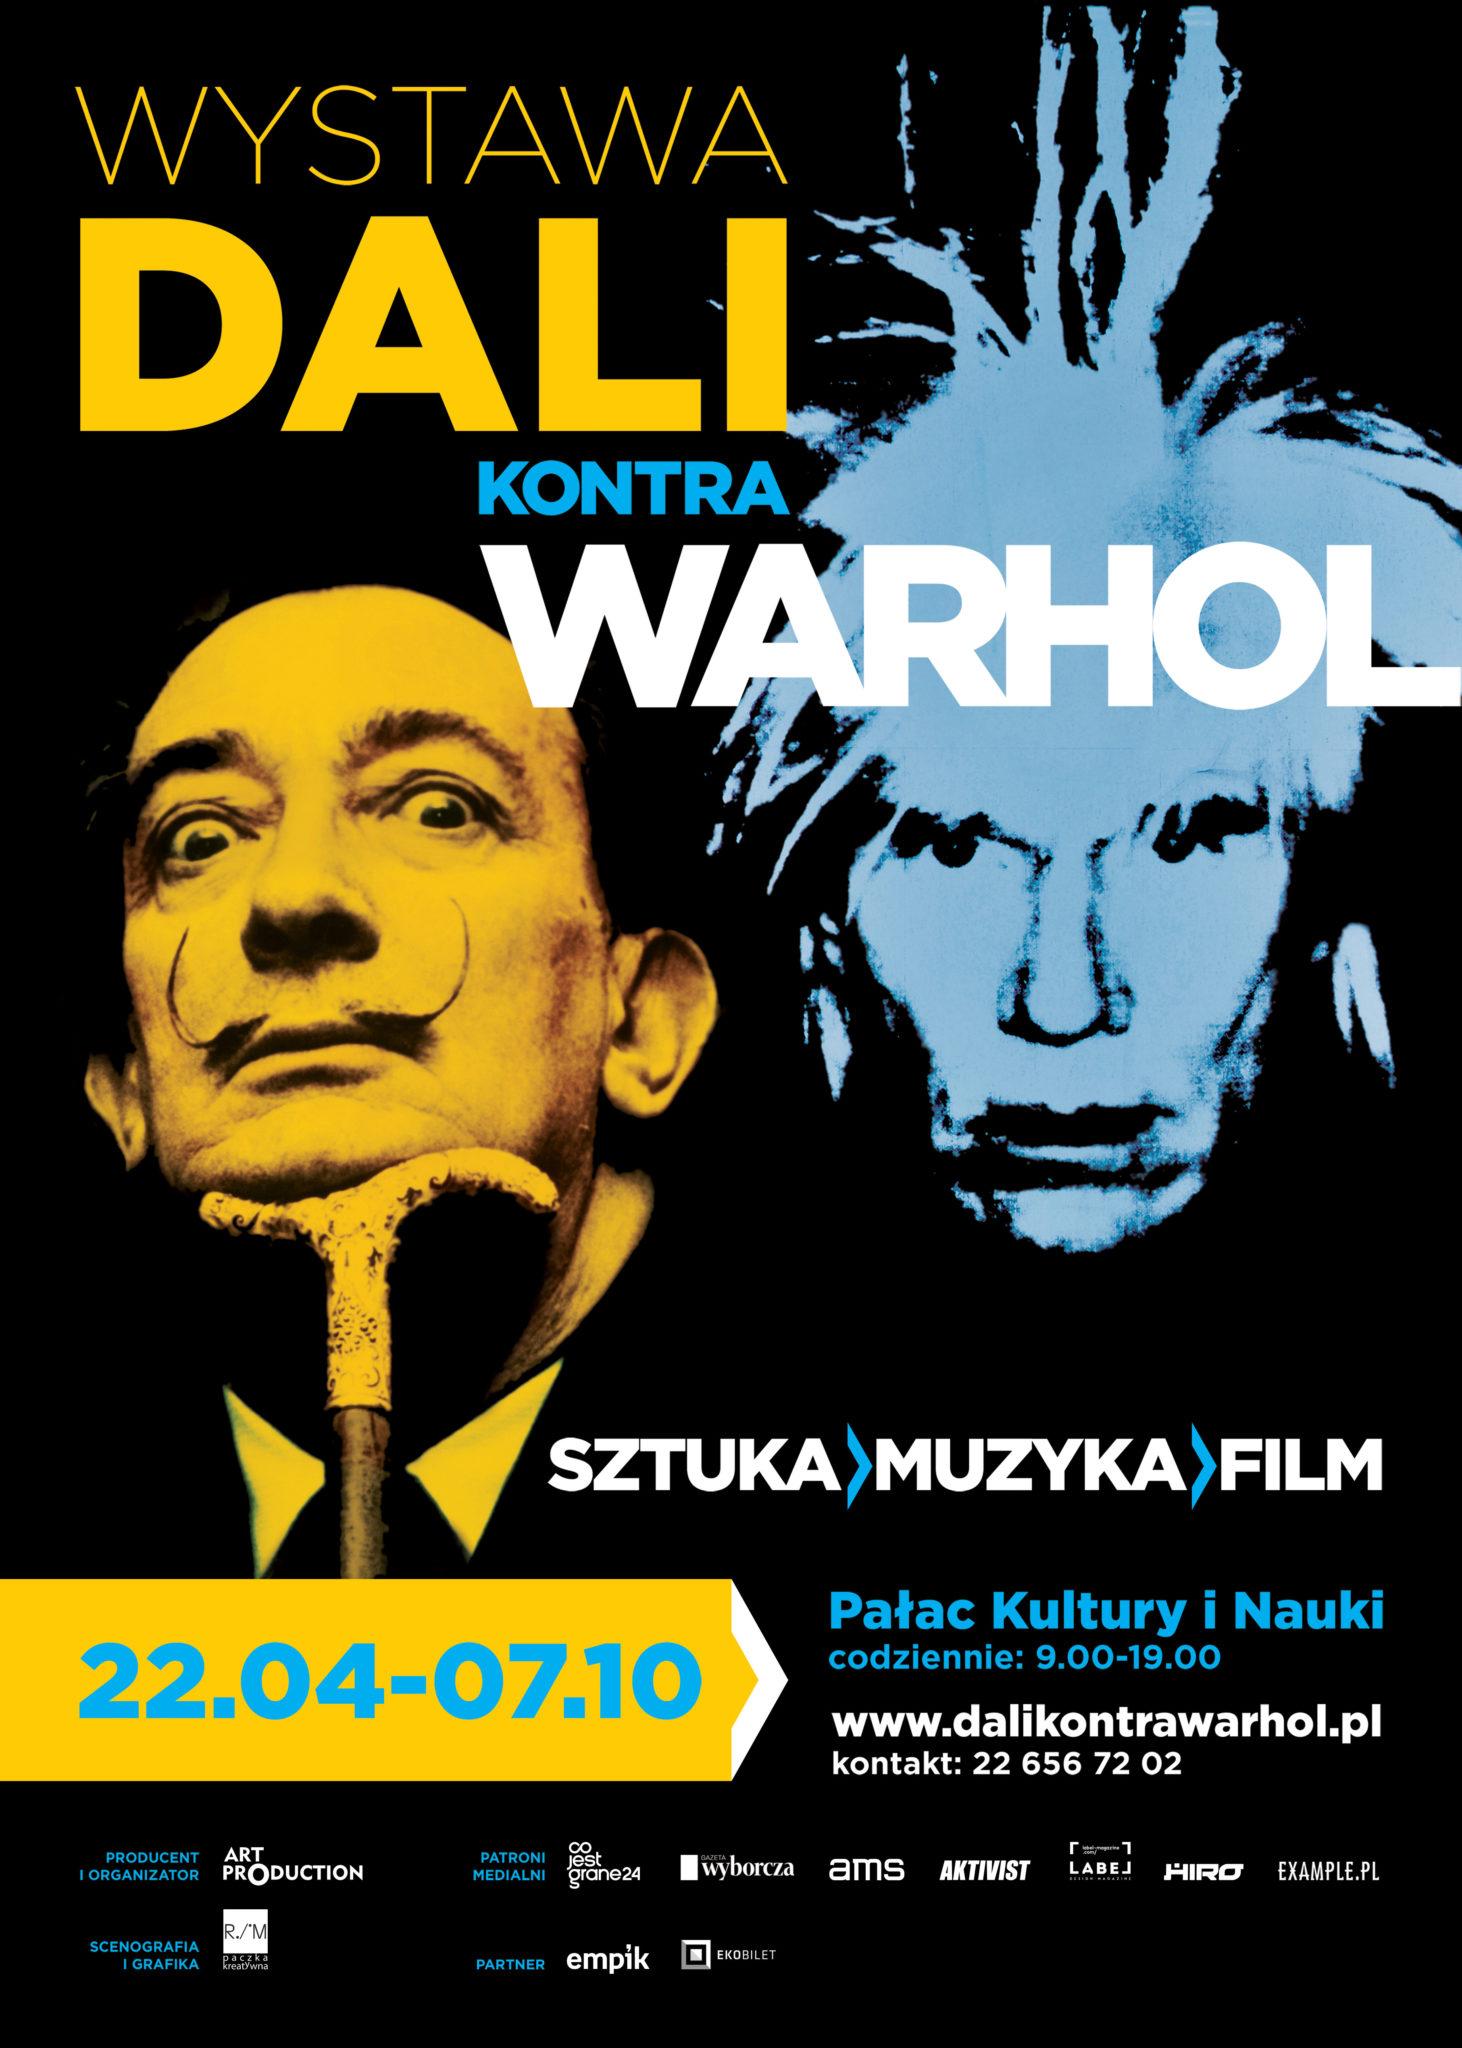 Plakat promujący wystawę Dali Kontra Warhol